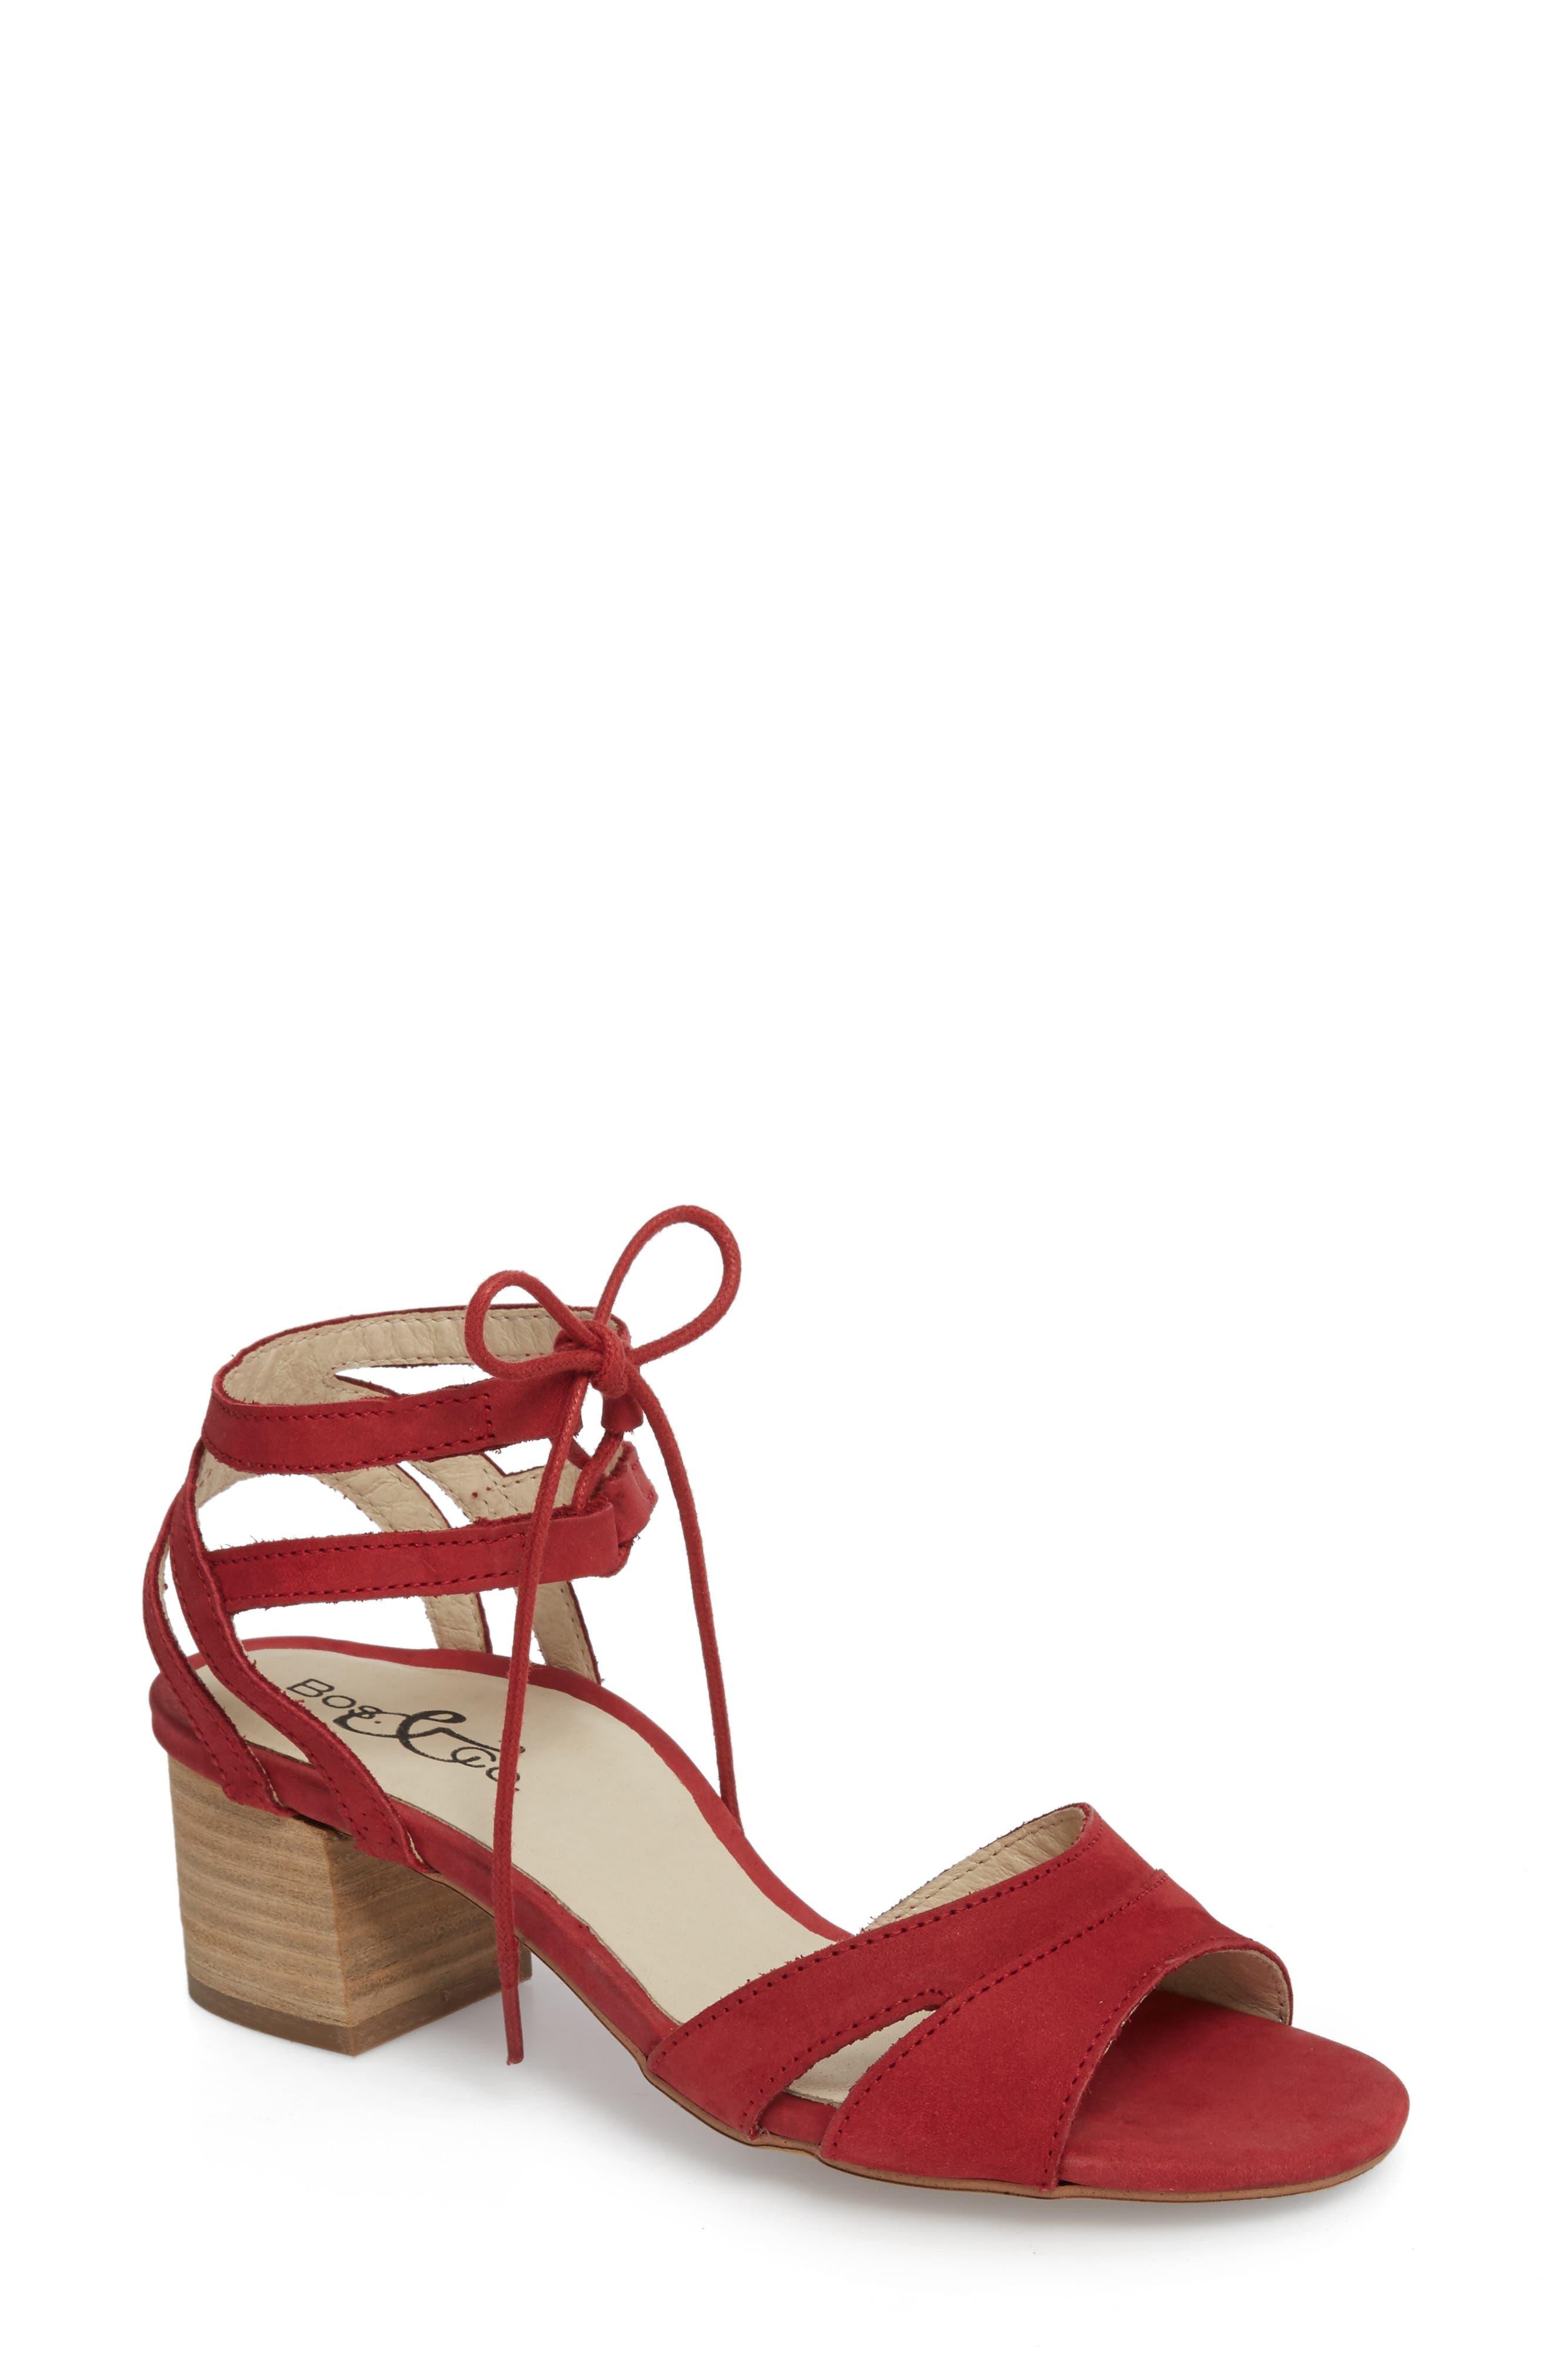 Bos. & Co. Zorita Sandal - Red